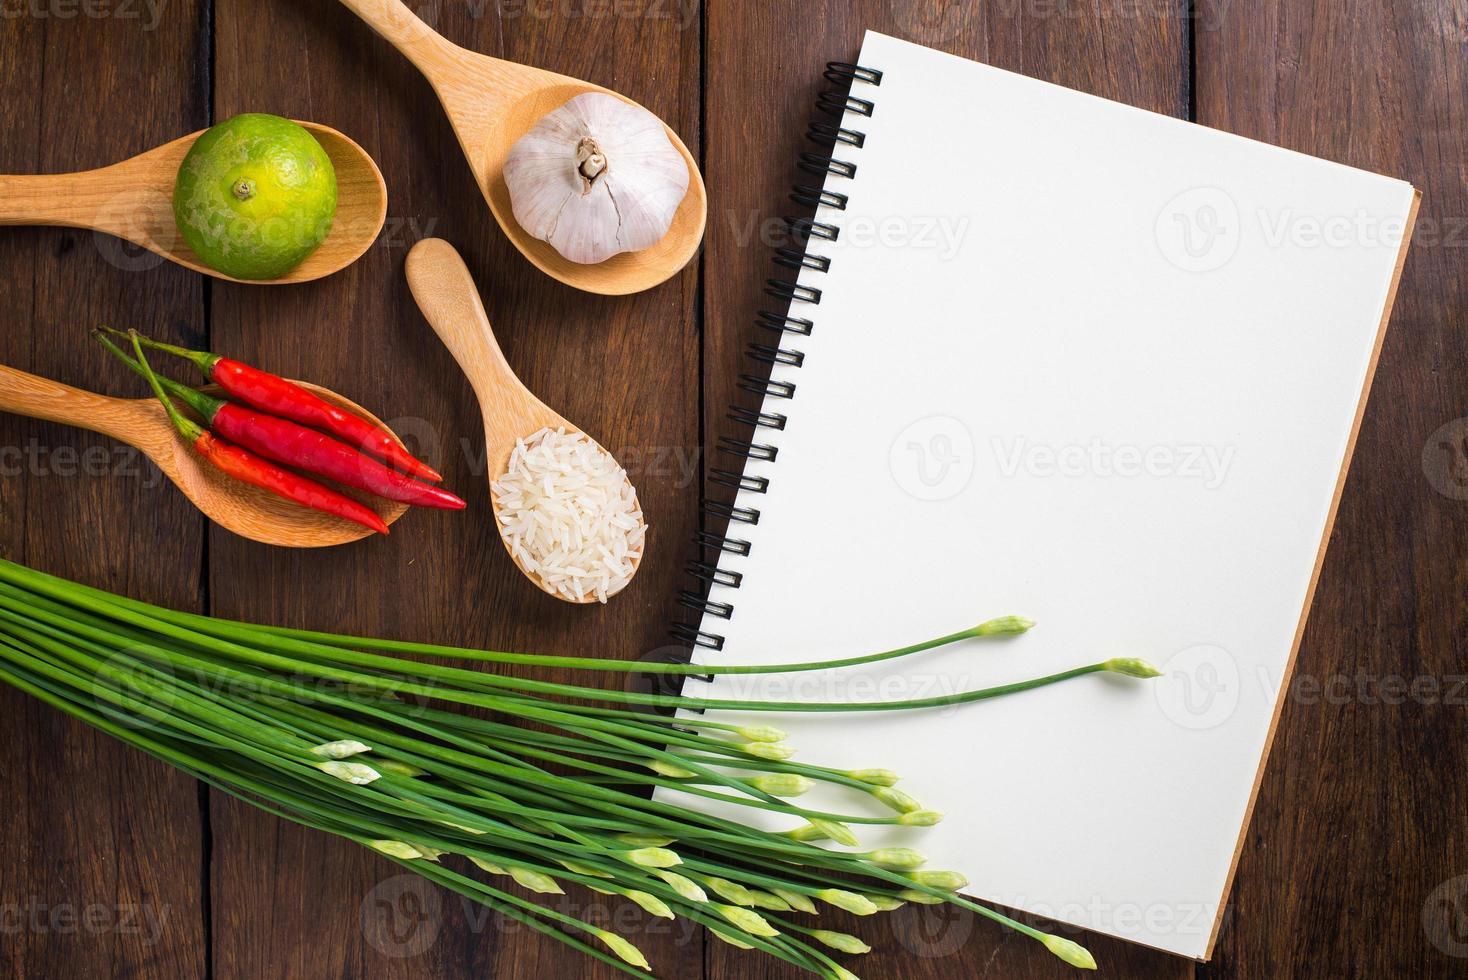 caderno de receitas, arroz, pimenta vermelha, alho e limão na madeira foto